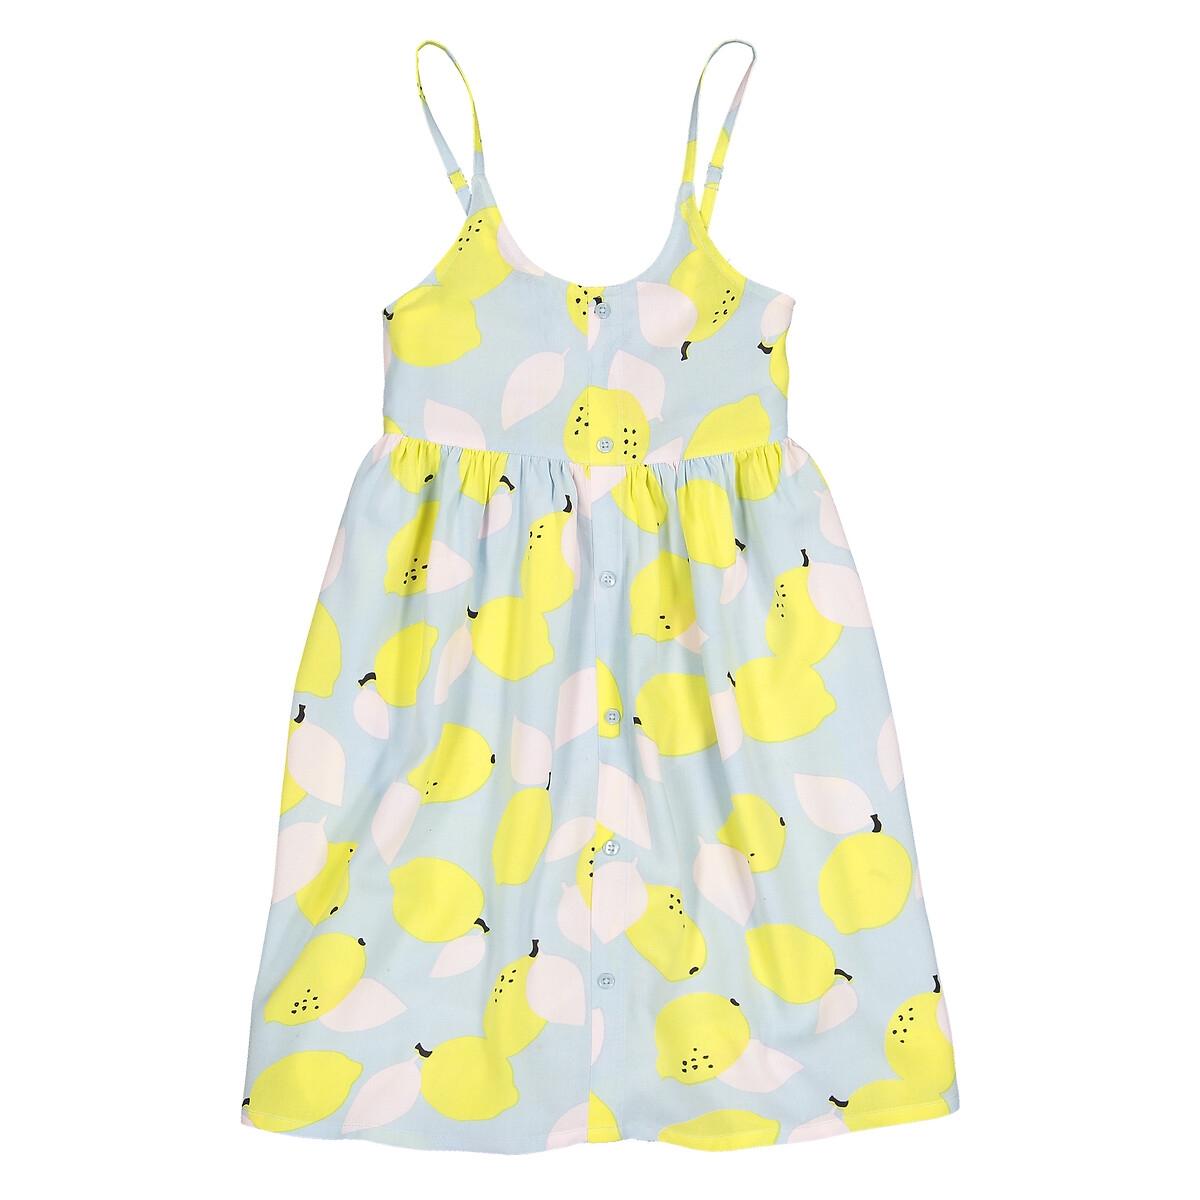 Платье La Redoute На тонких бретелях с принтом лимоны 10 лет - 138 см другие